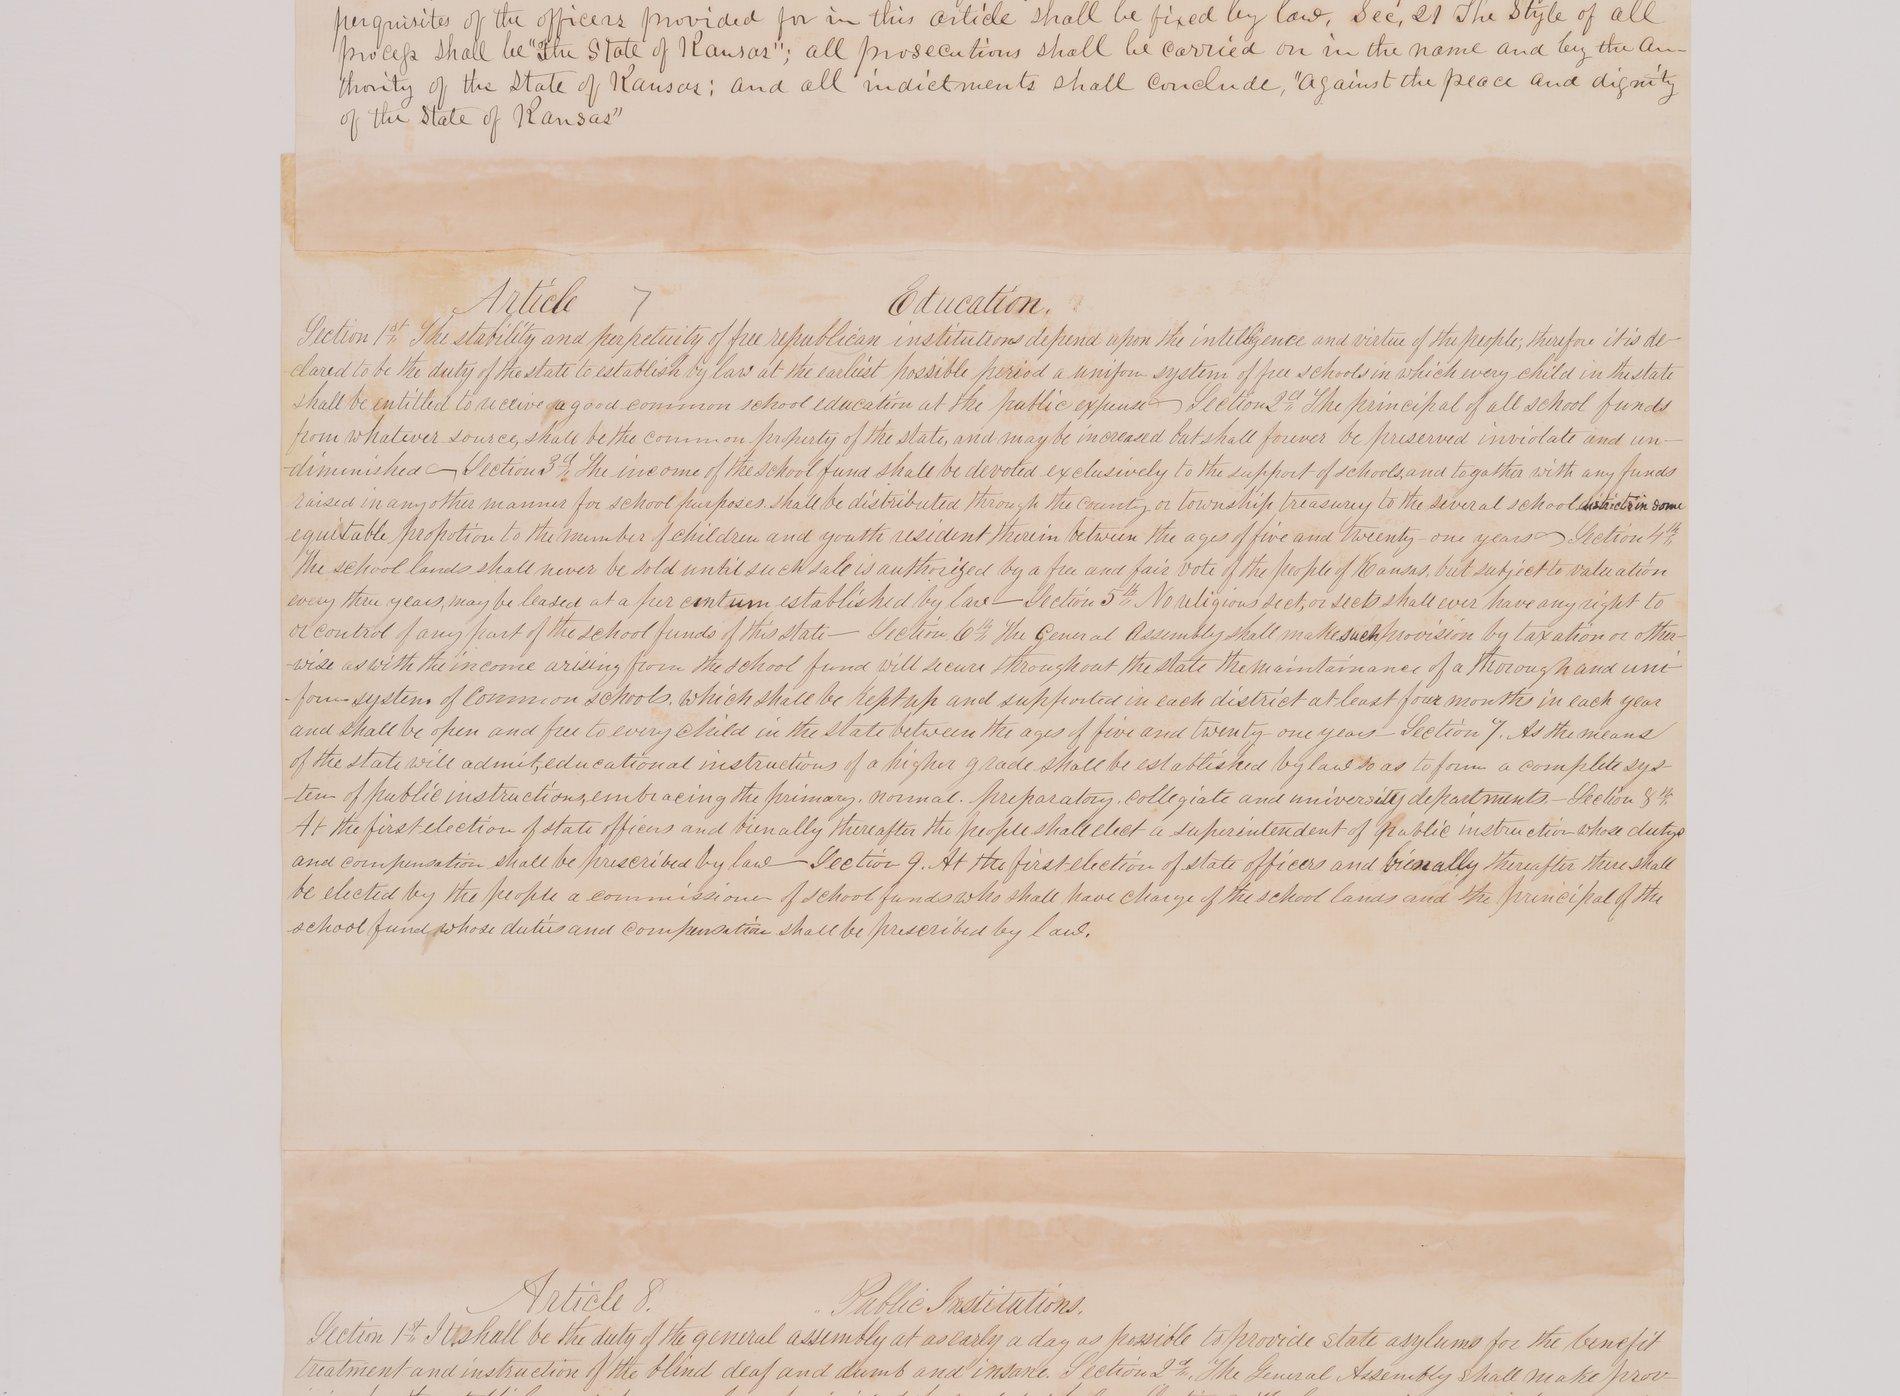 Leavenworth Constitution - 7